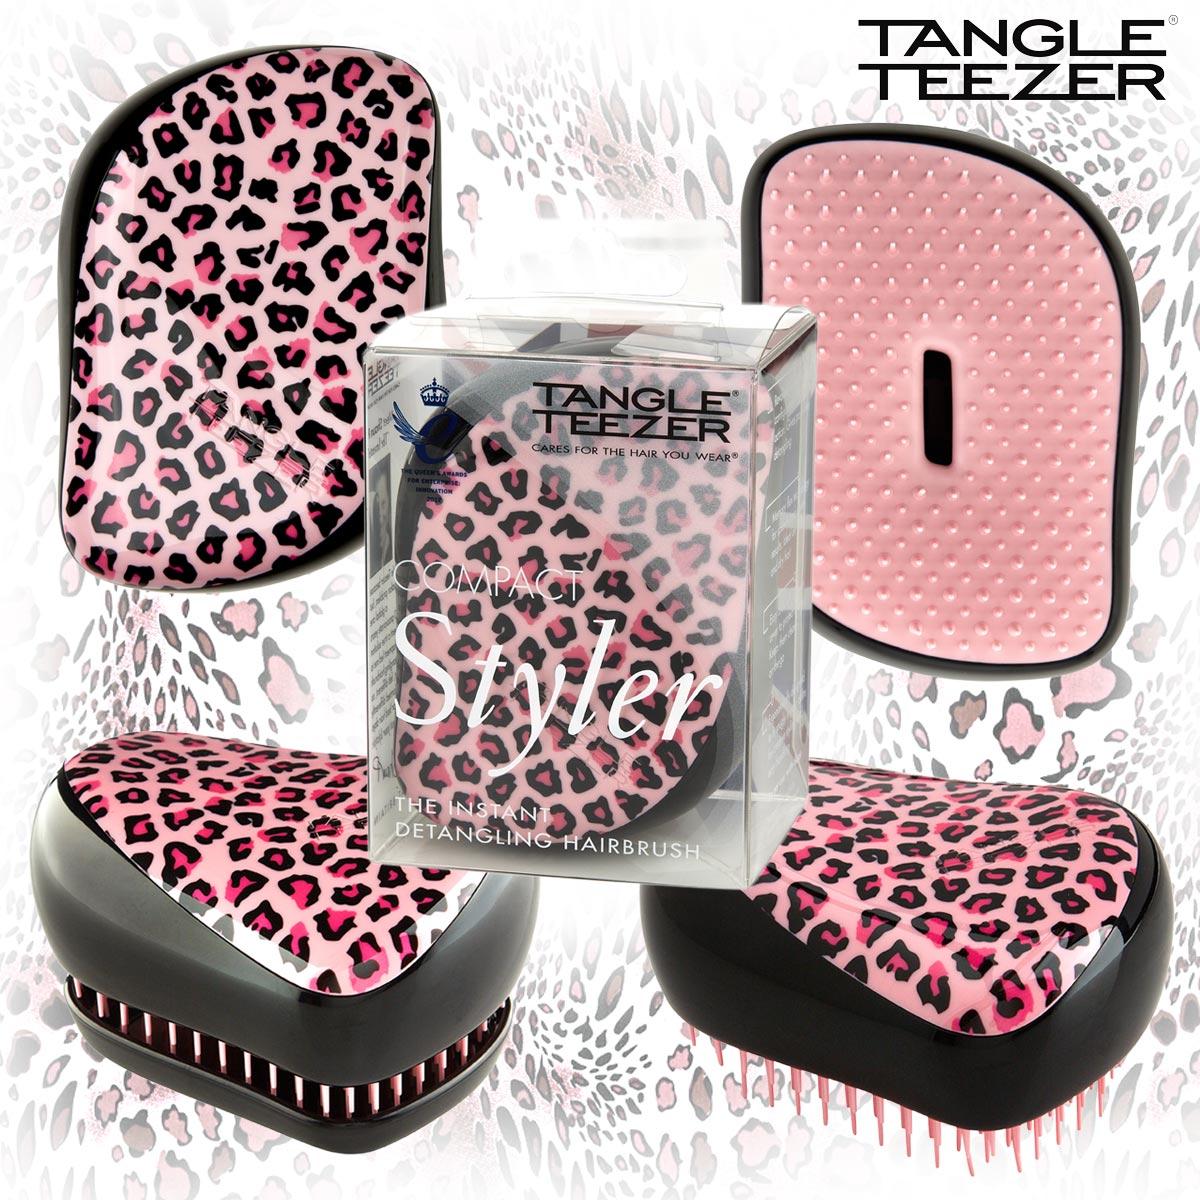 Nový Tangle Teezer Compact Styler Pink Kitty v růžové barvě nahrazuje předchozí vzor Leopard. Se svým vzhledem a designem potěší každou romantičku.